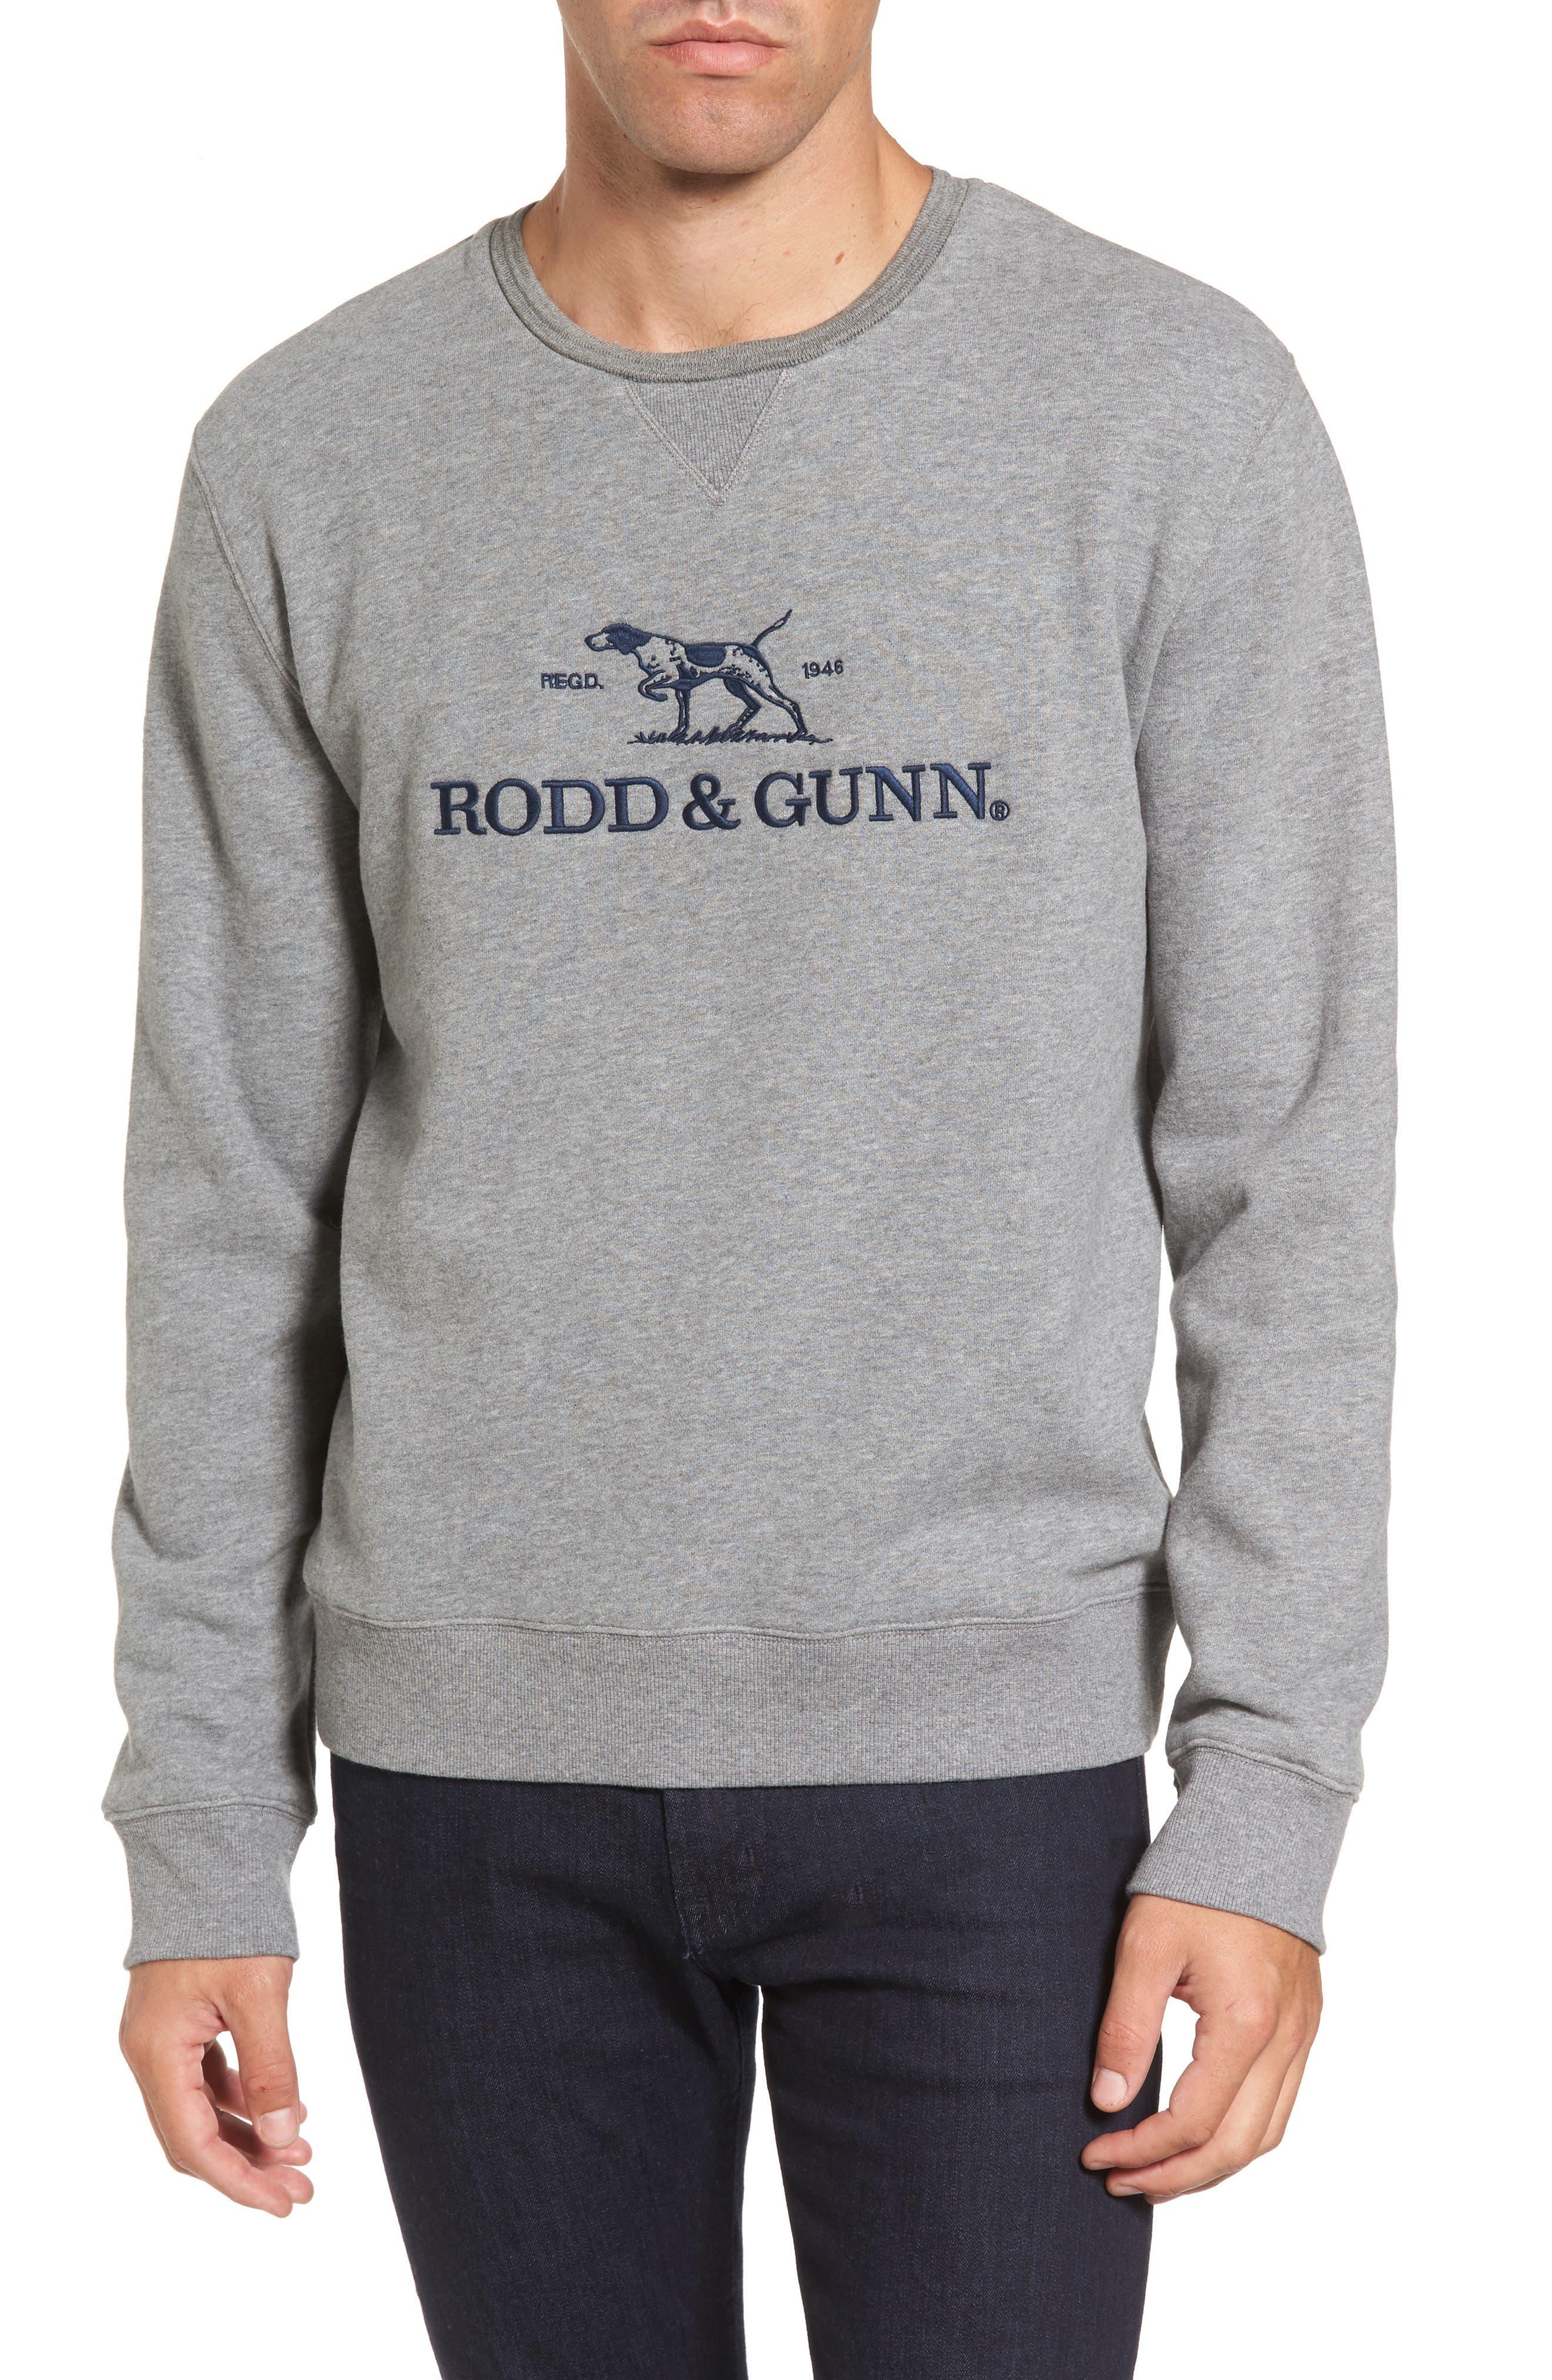 RODD & GUNN Auckland Logo Embroidered Sweatshirt